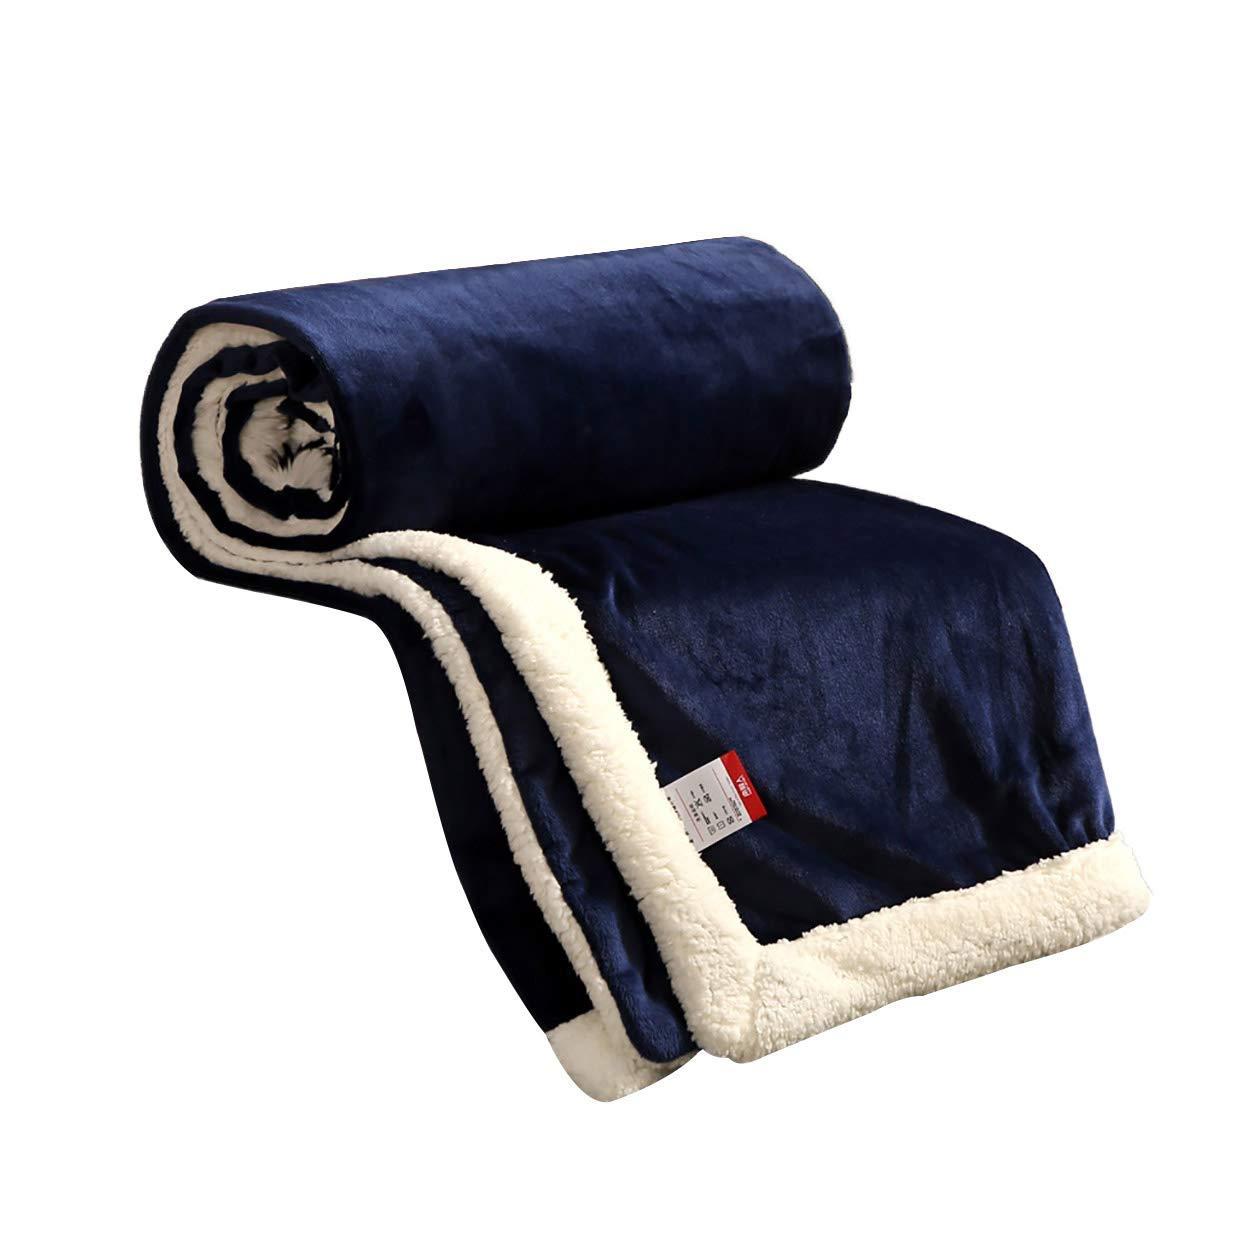 フェイクファー毛布フェイクファー、無地毛布学生寮の女性の冬厚いサンゴフリース毛布暖かいシートキルト(色:B、サイズ:200× 230 cm) B07QNJ237K